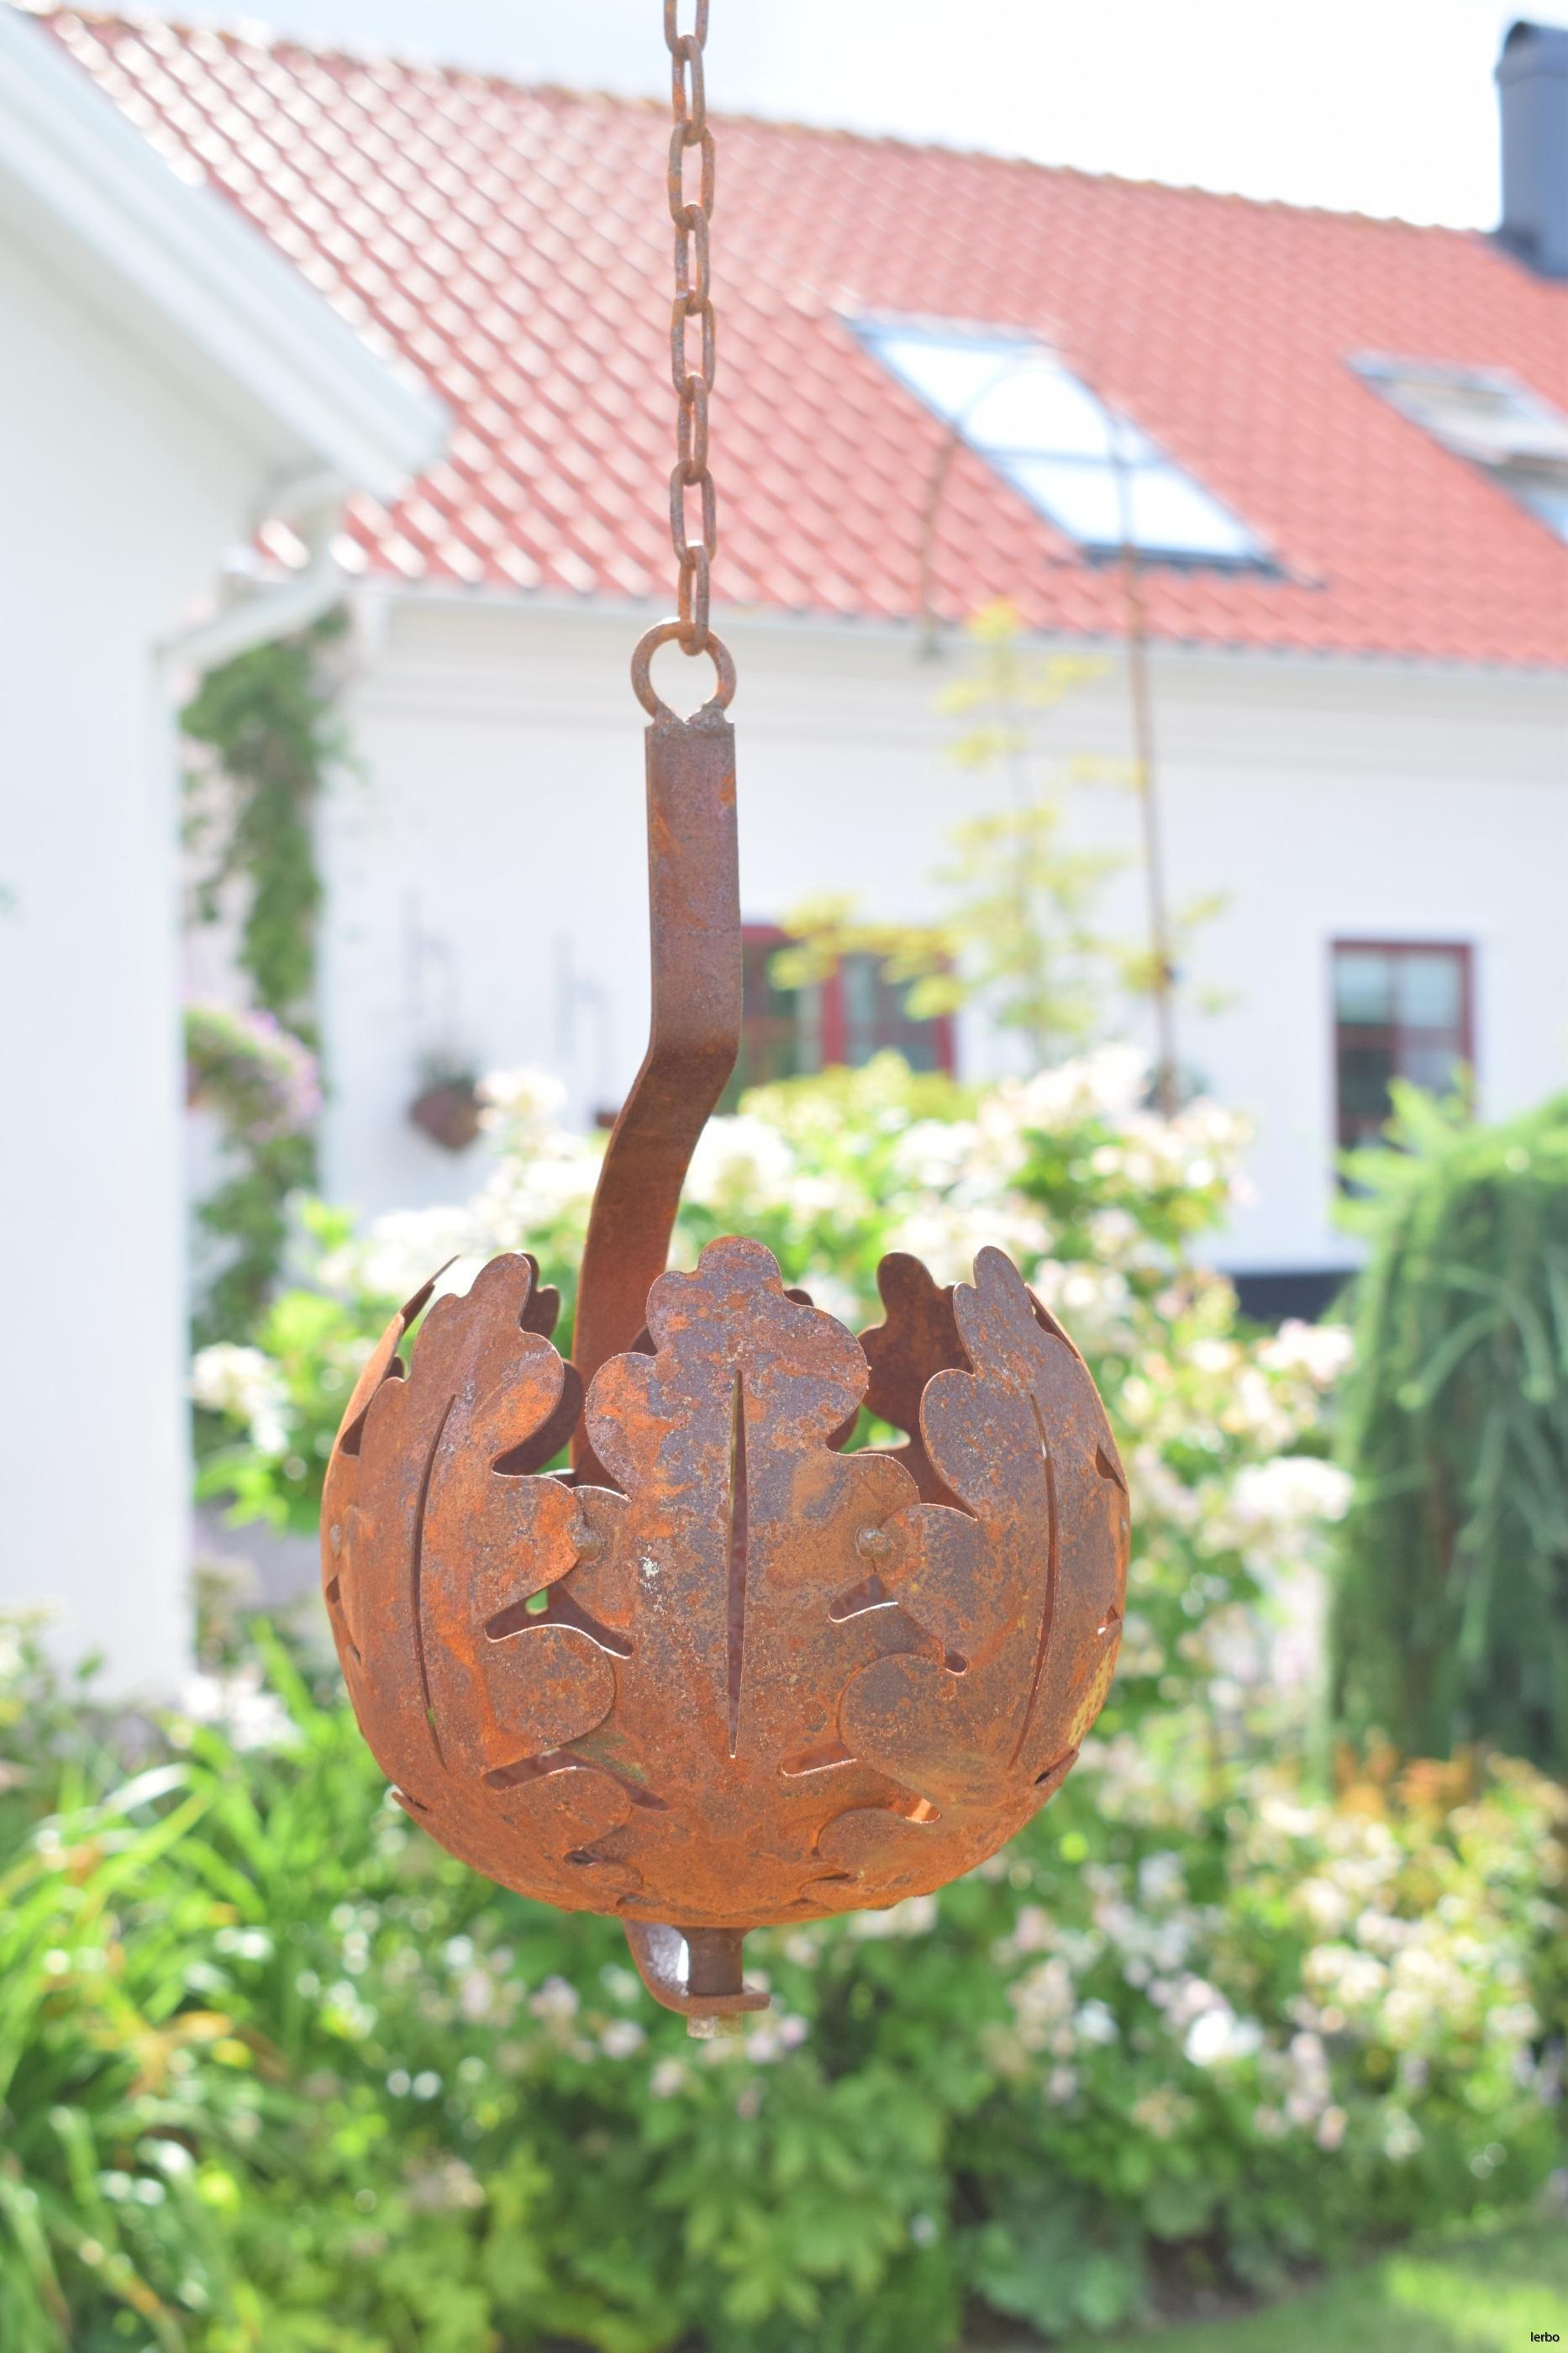 marschallhållare ekblad eldgarden hängande